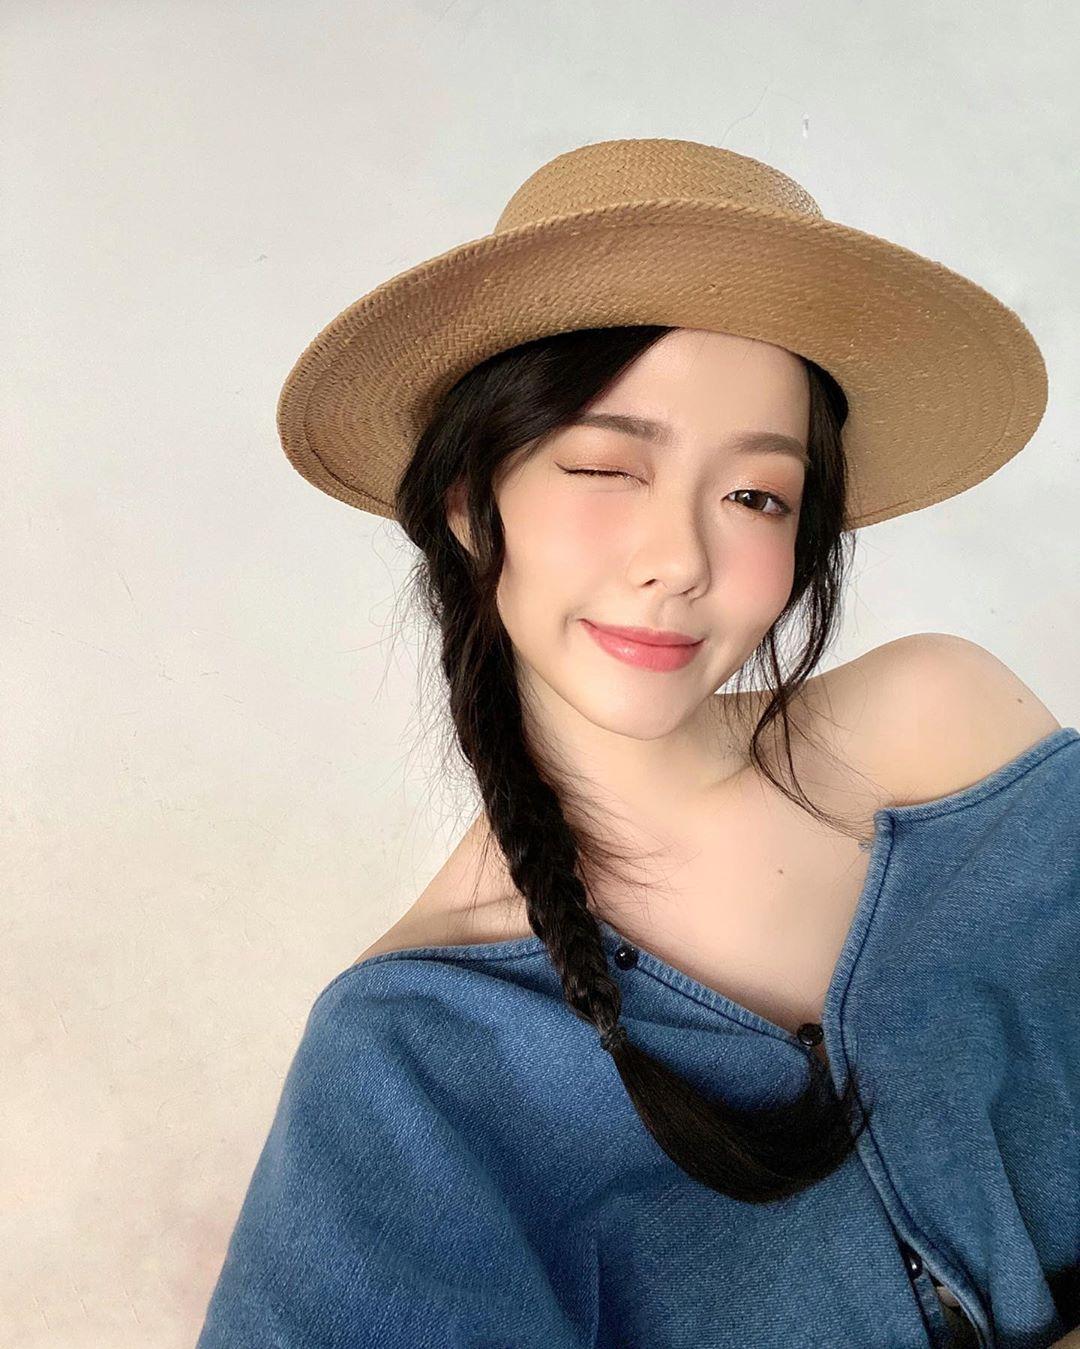 IbLRTW3W o - 直播正妹—蒲公英女孩菱菱